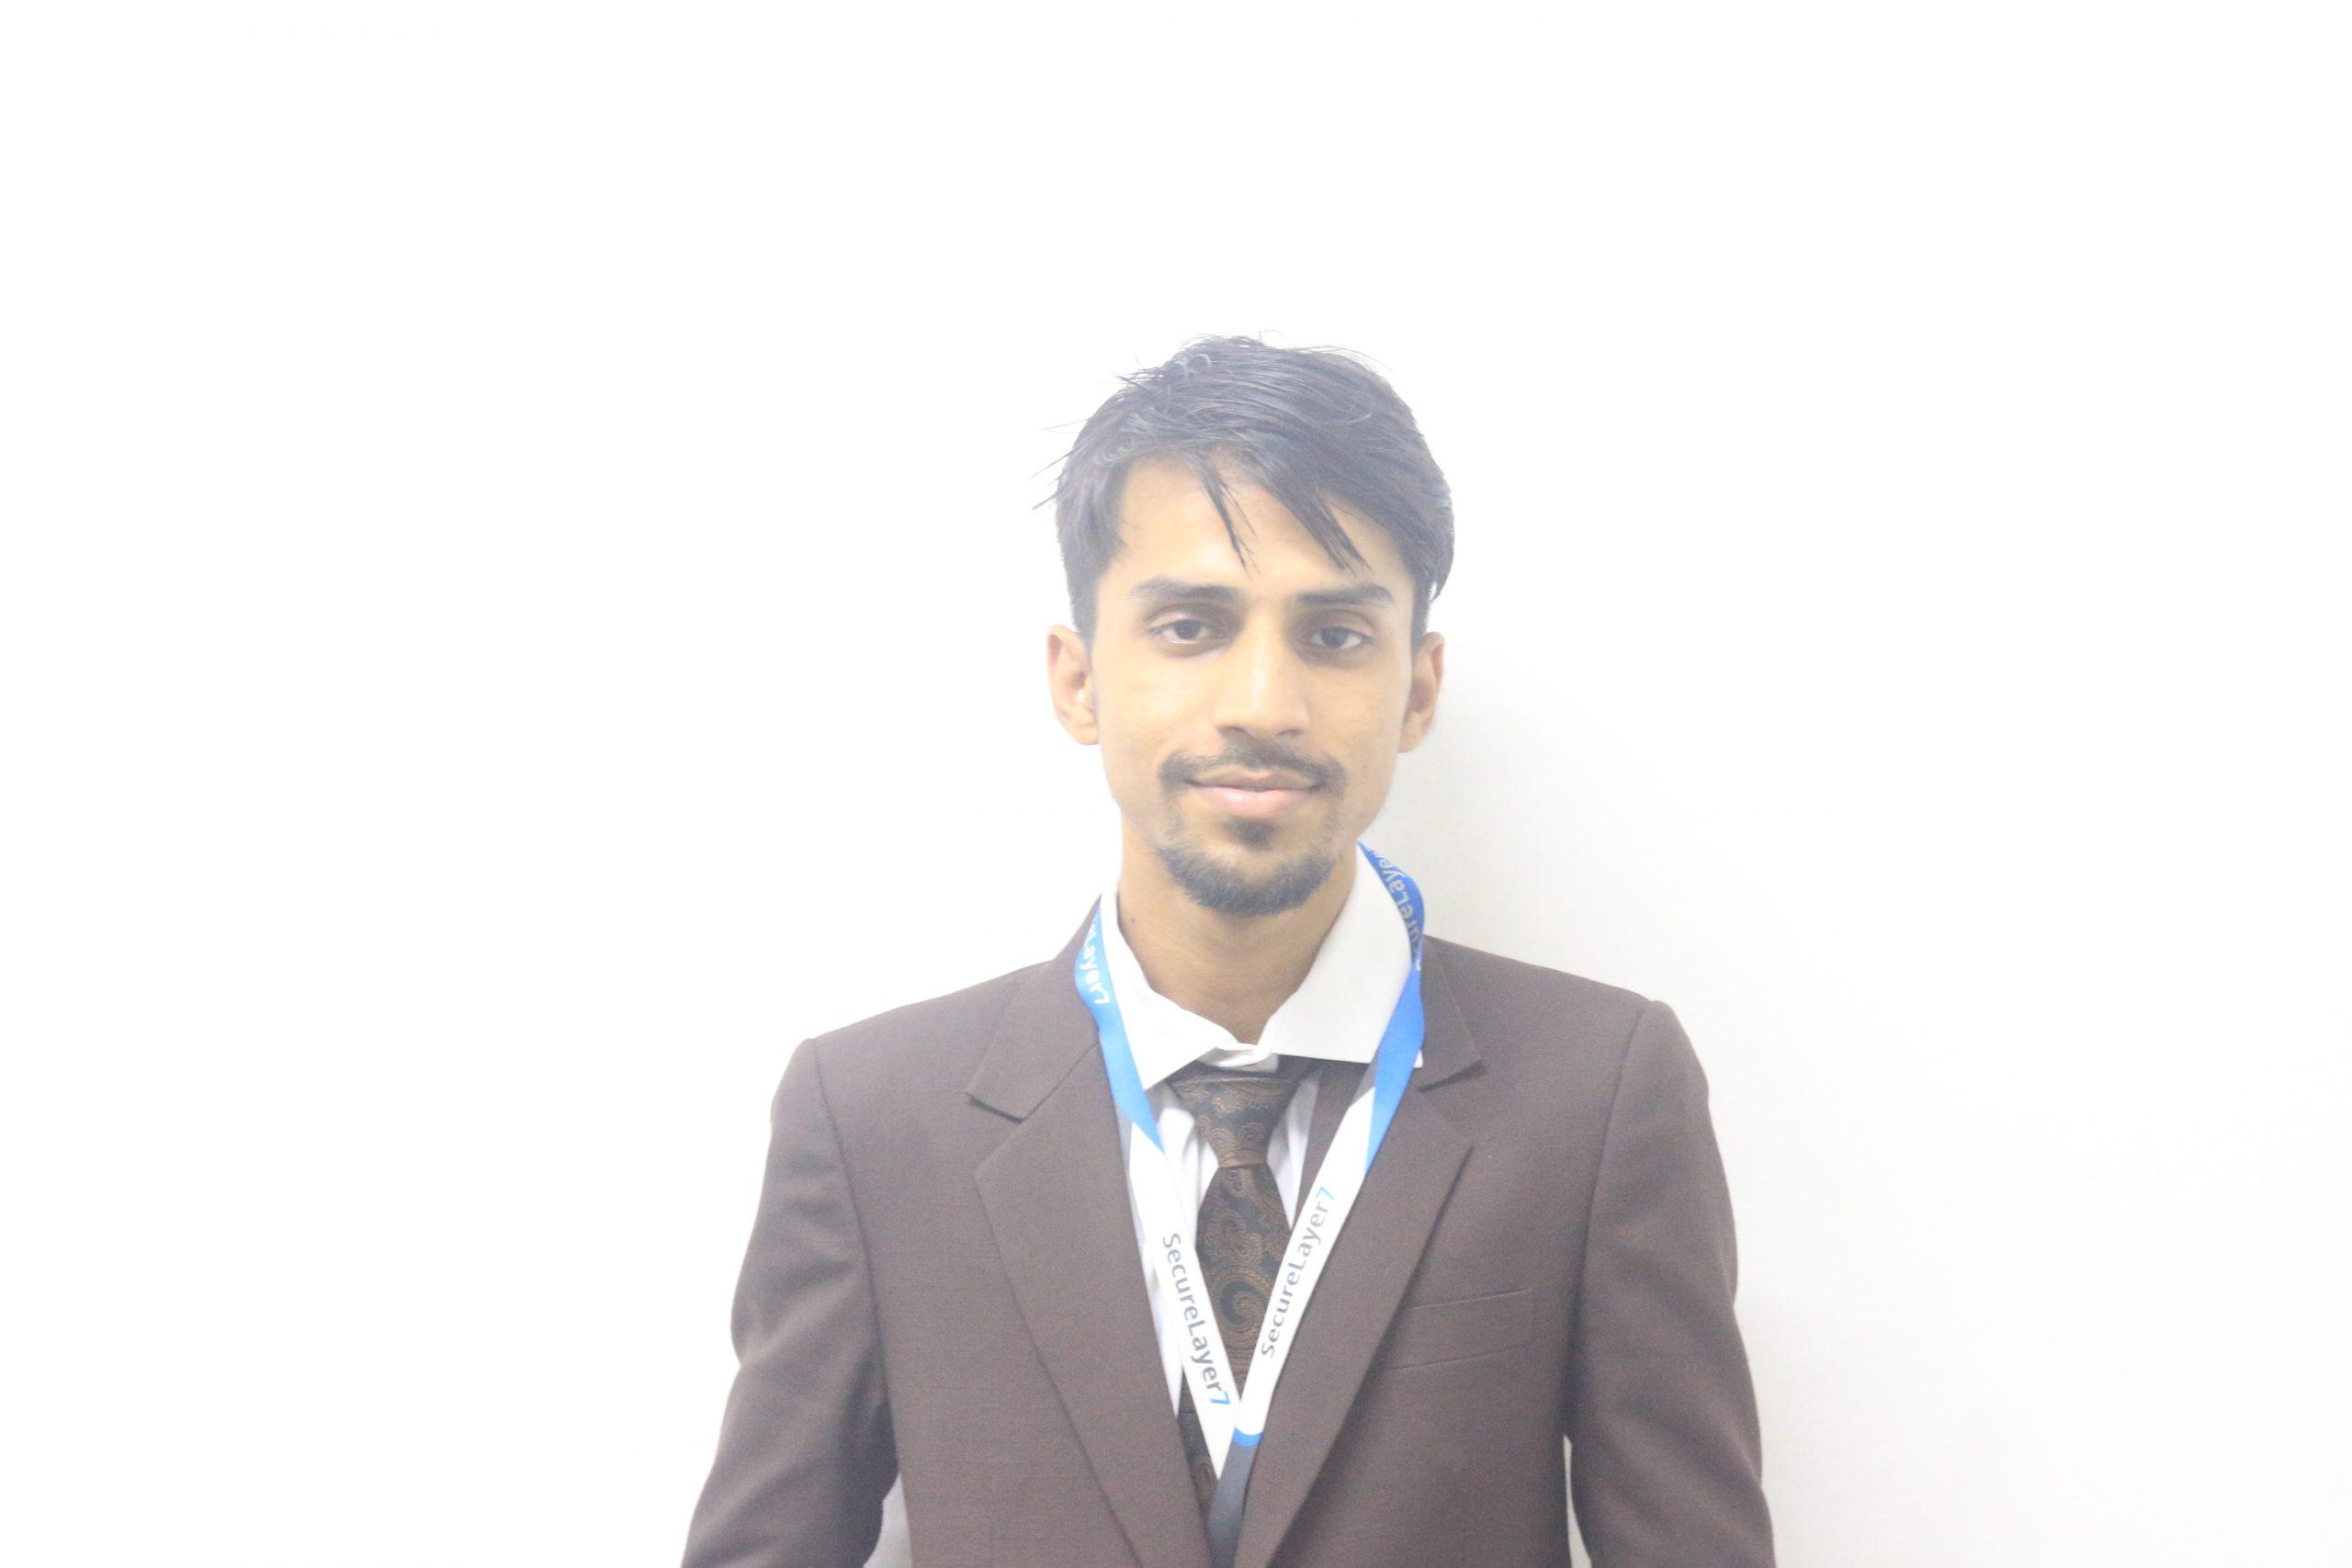 Touhid Shaikh